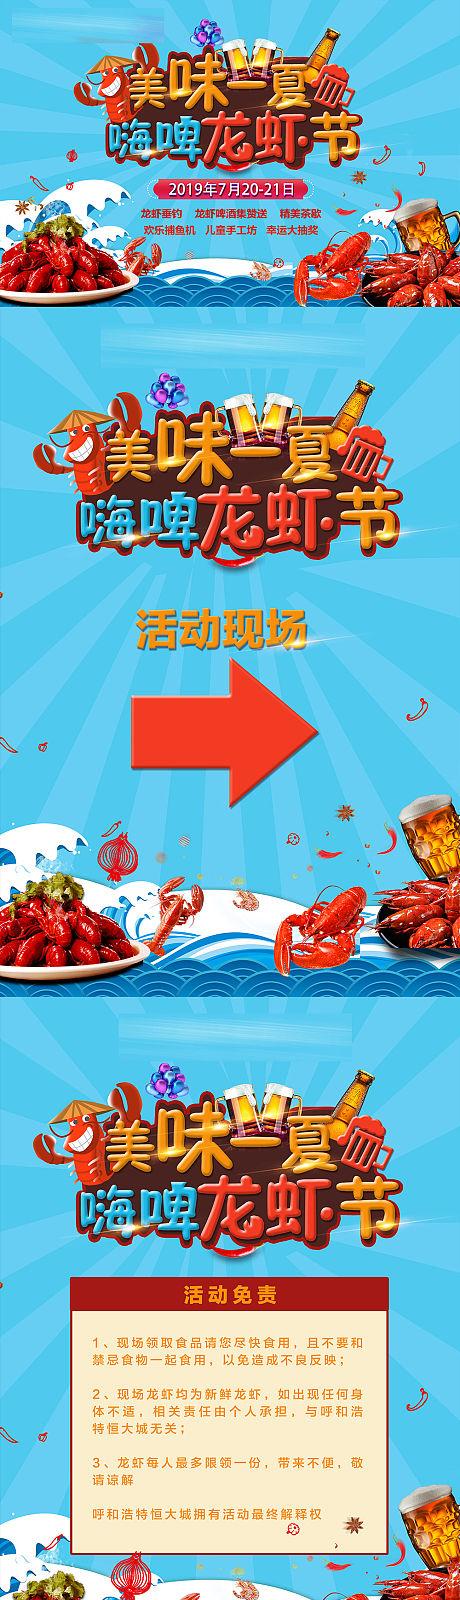 龙虾节活动美味一夏